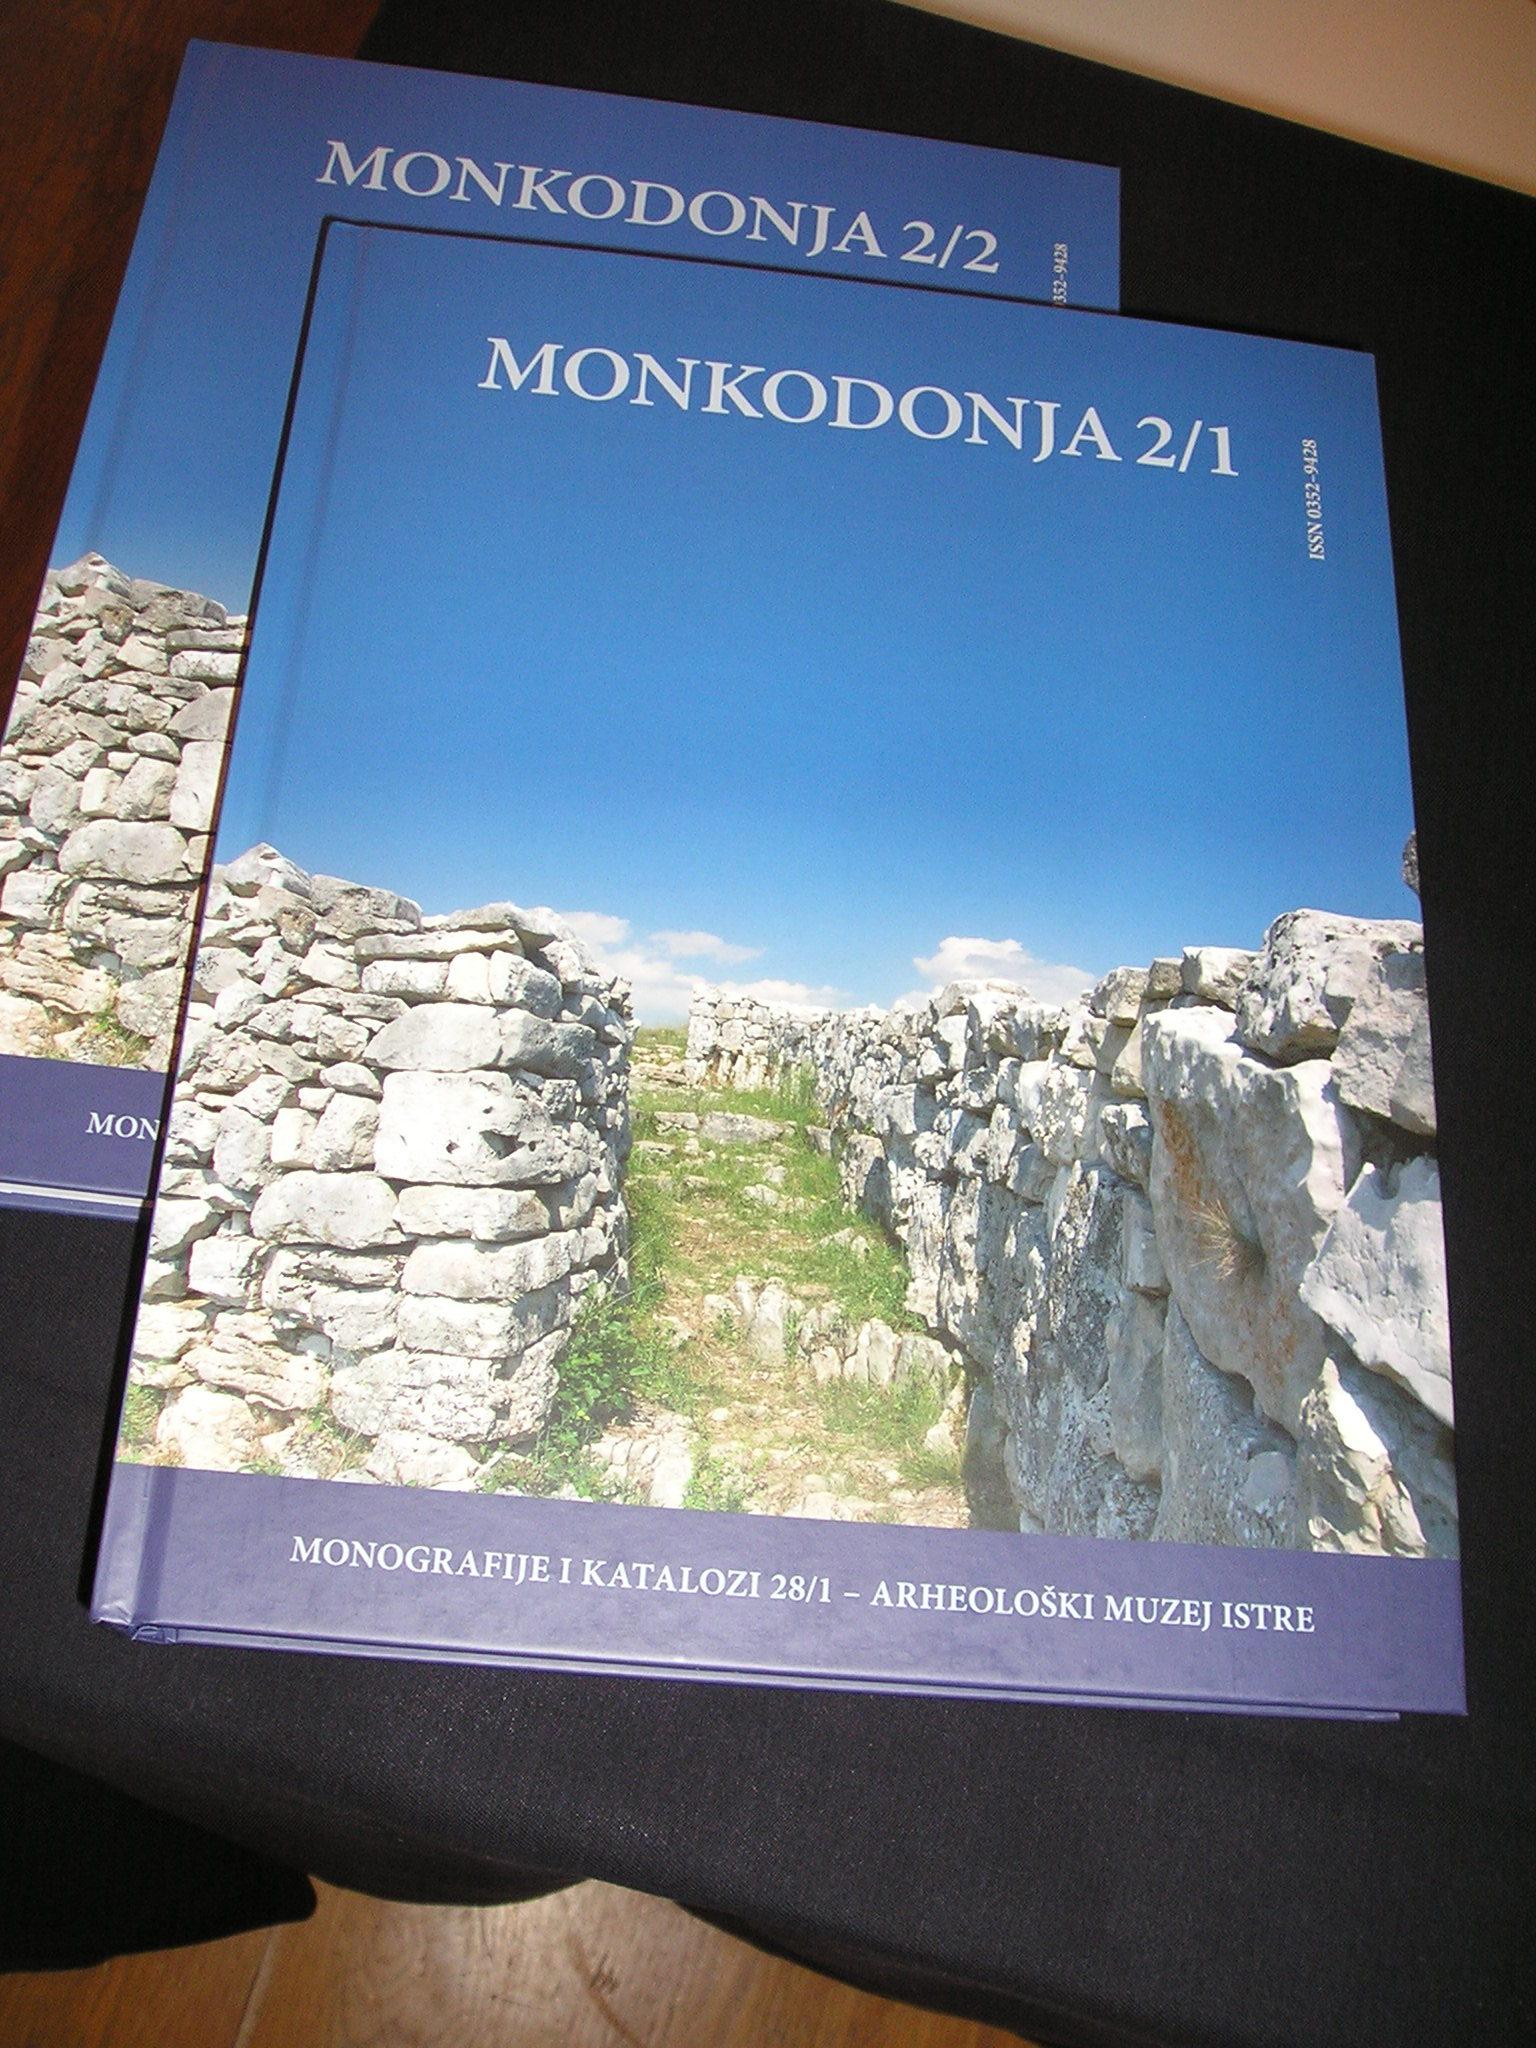 PRESENTATO IL SECONDO VOLUME DELLA MONOGRAFIA SU MONCODOGNO